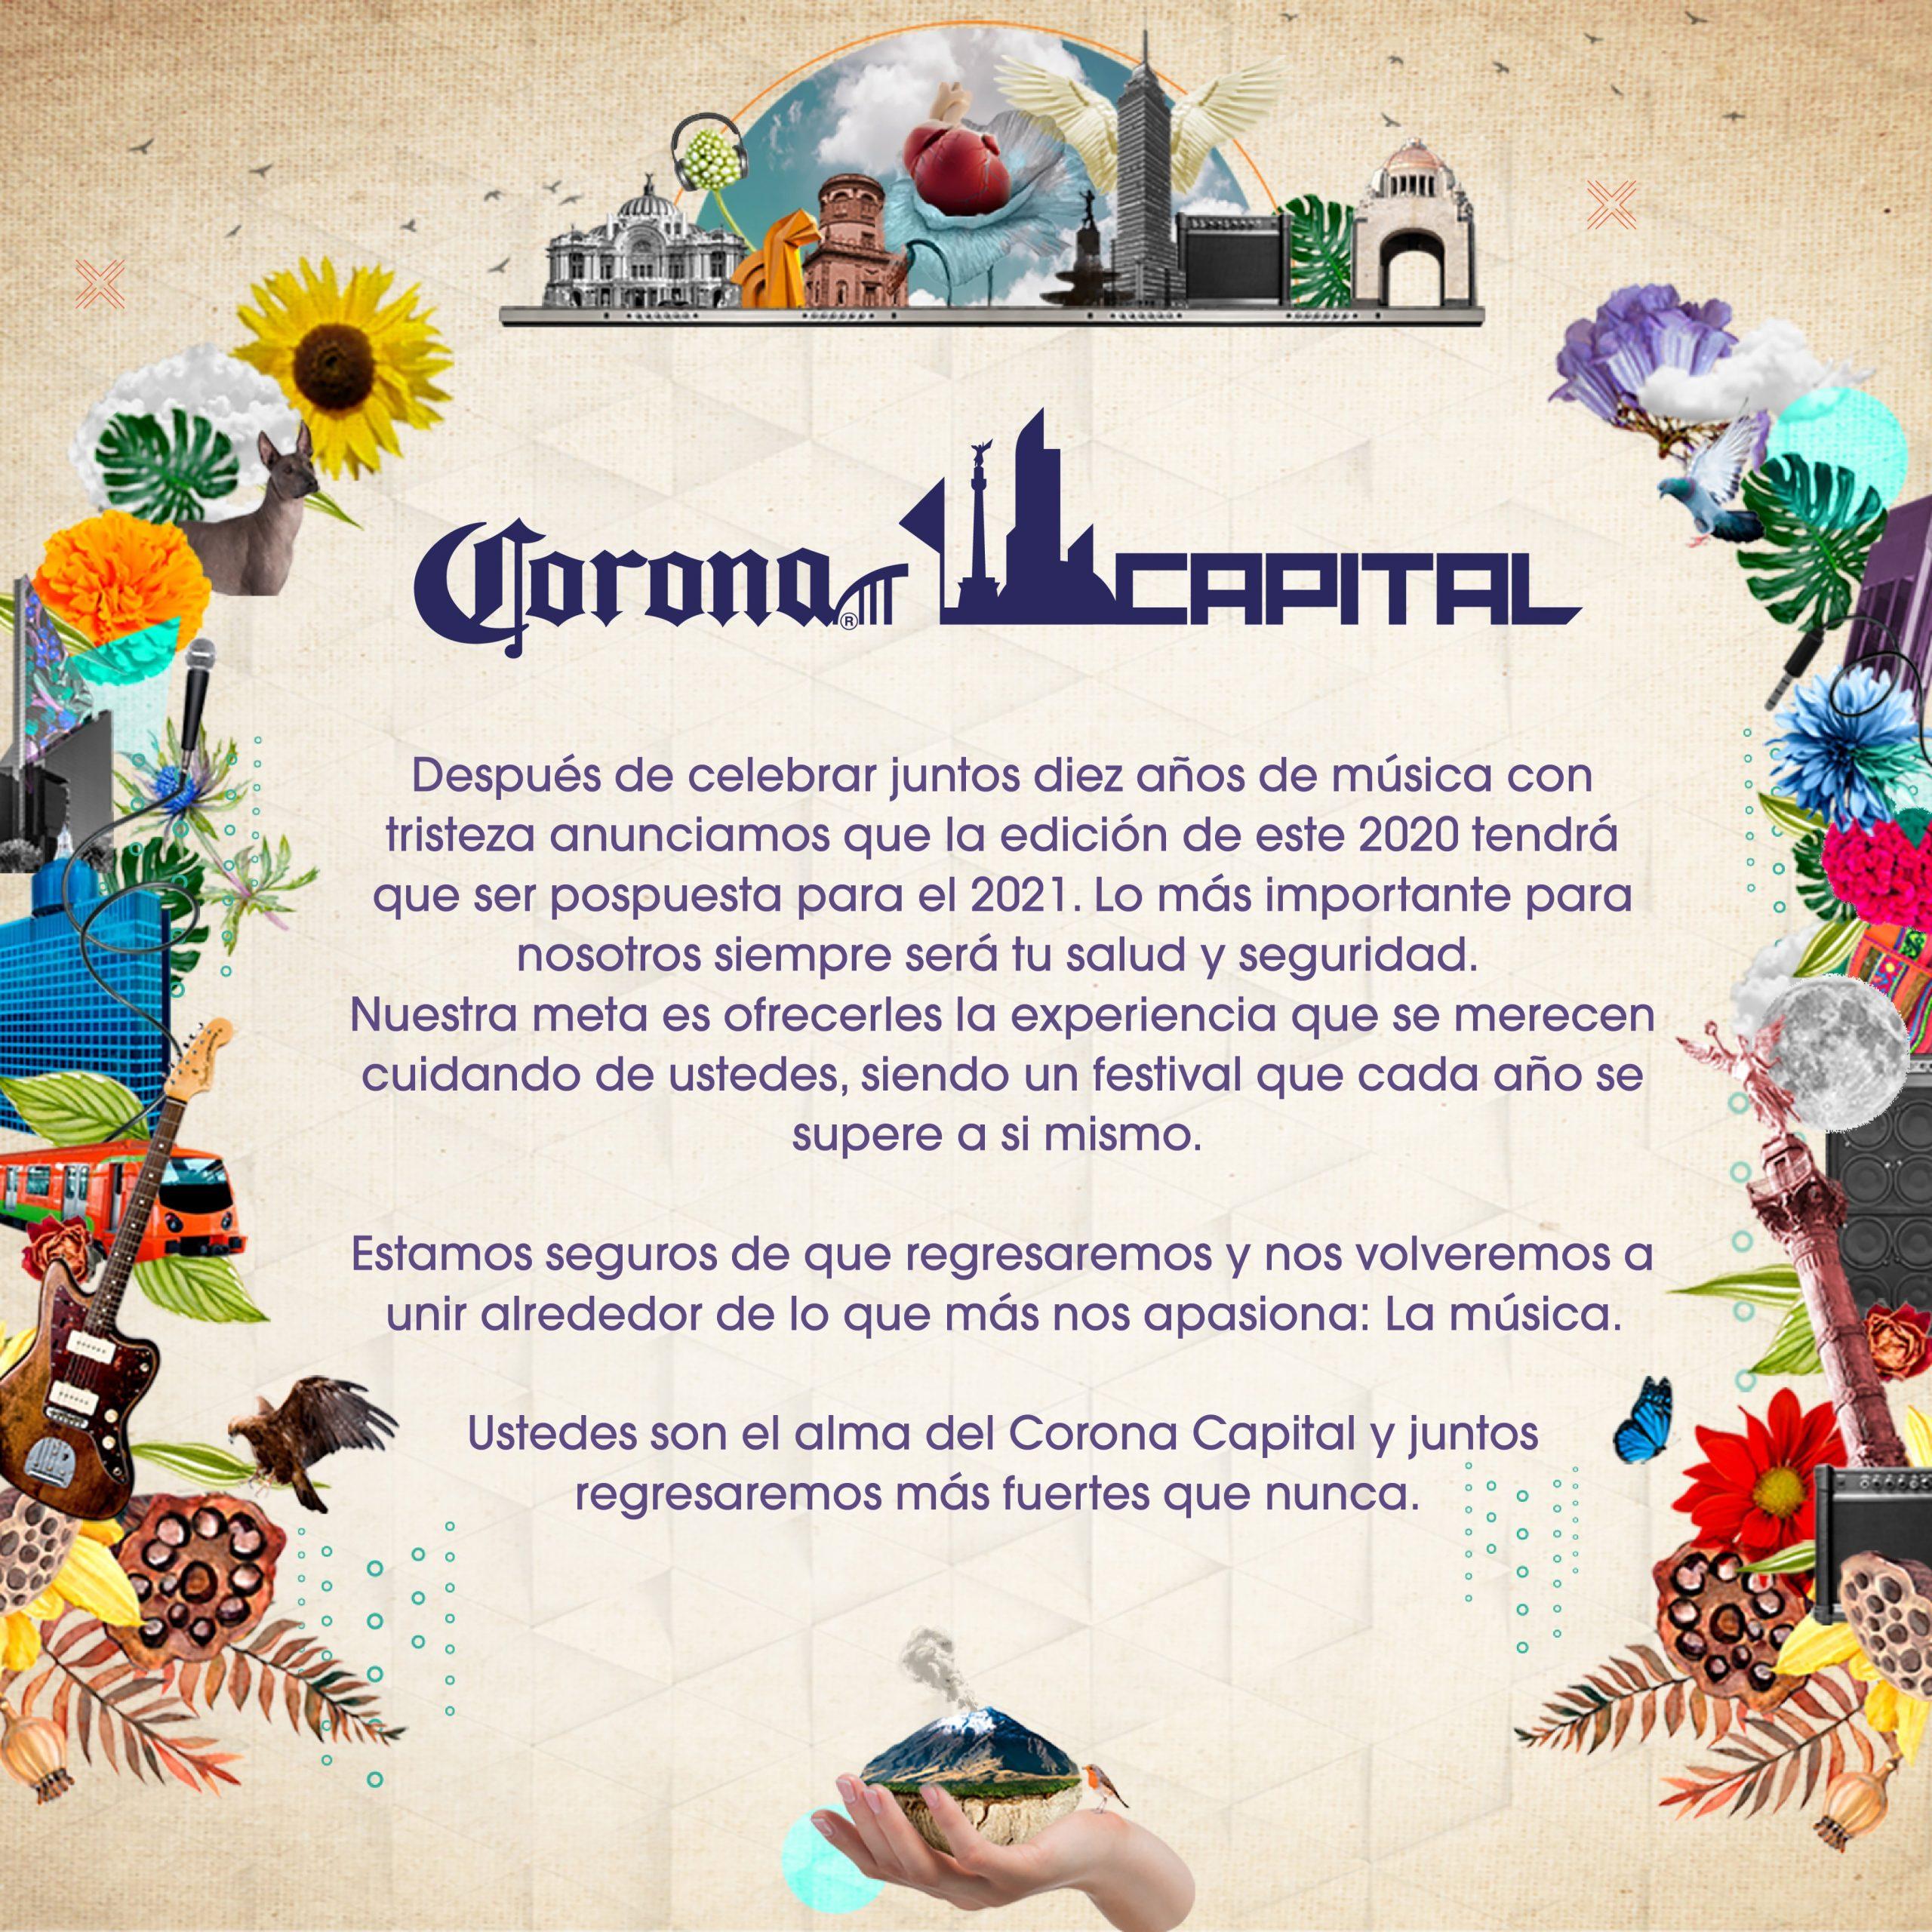 Lo que faltaba: The Crown Capital se pospone hasta 2021